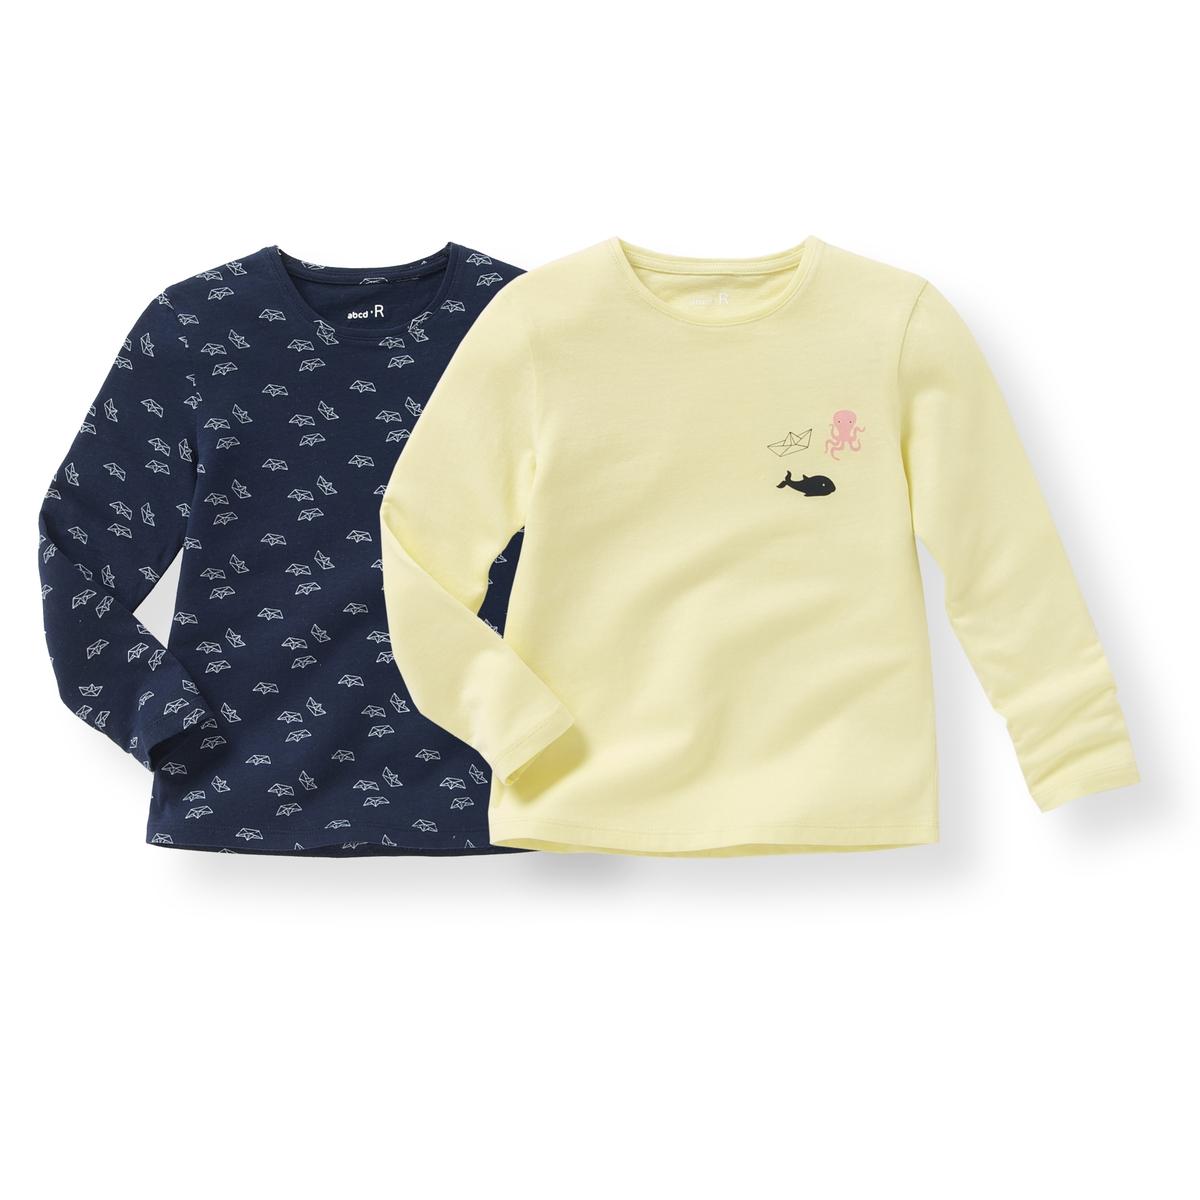 Комплект из 2 футболок с длинными рукавами, 3-12 летСостав и описание : Материал        джерси, 100% хлопокМарка       R ?ditionУход: :Машинная стирка при 30 °C с вещами схожих цветов.Стирать и гладить с изнаночной стороны.Машинная сушка в умеренном режиме.Гладить на низкой температуре.<br><br>Цвет: желтый + темно-синий<br>Размер: 4 года - 102 см.5 лет - 108 см.6 лет - 114 см.8 лет - 126 см.10 лет - 138 см.3 года - 94 см.12 лет -150 см